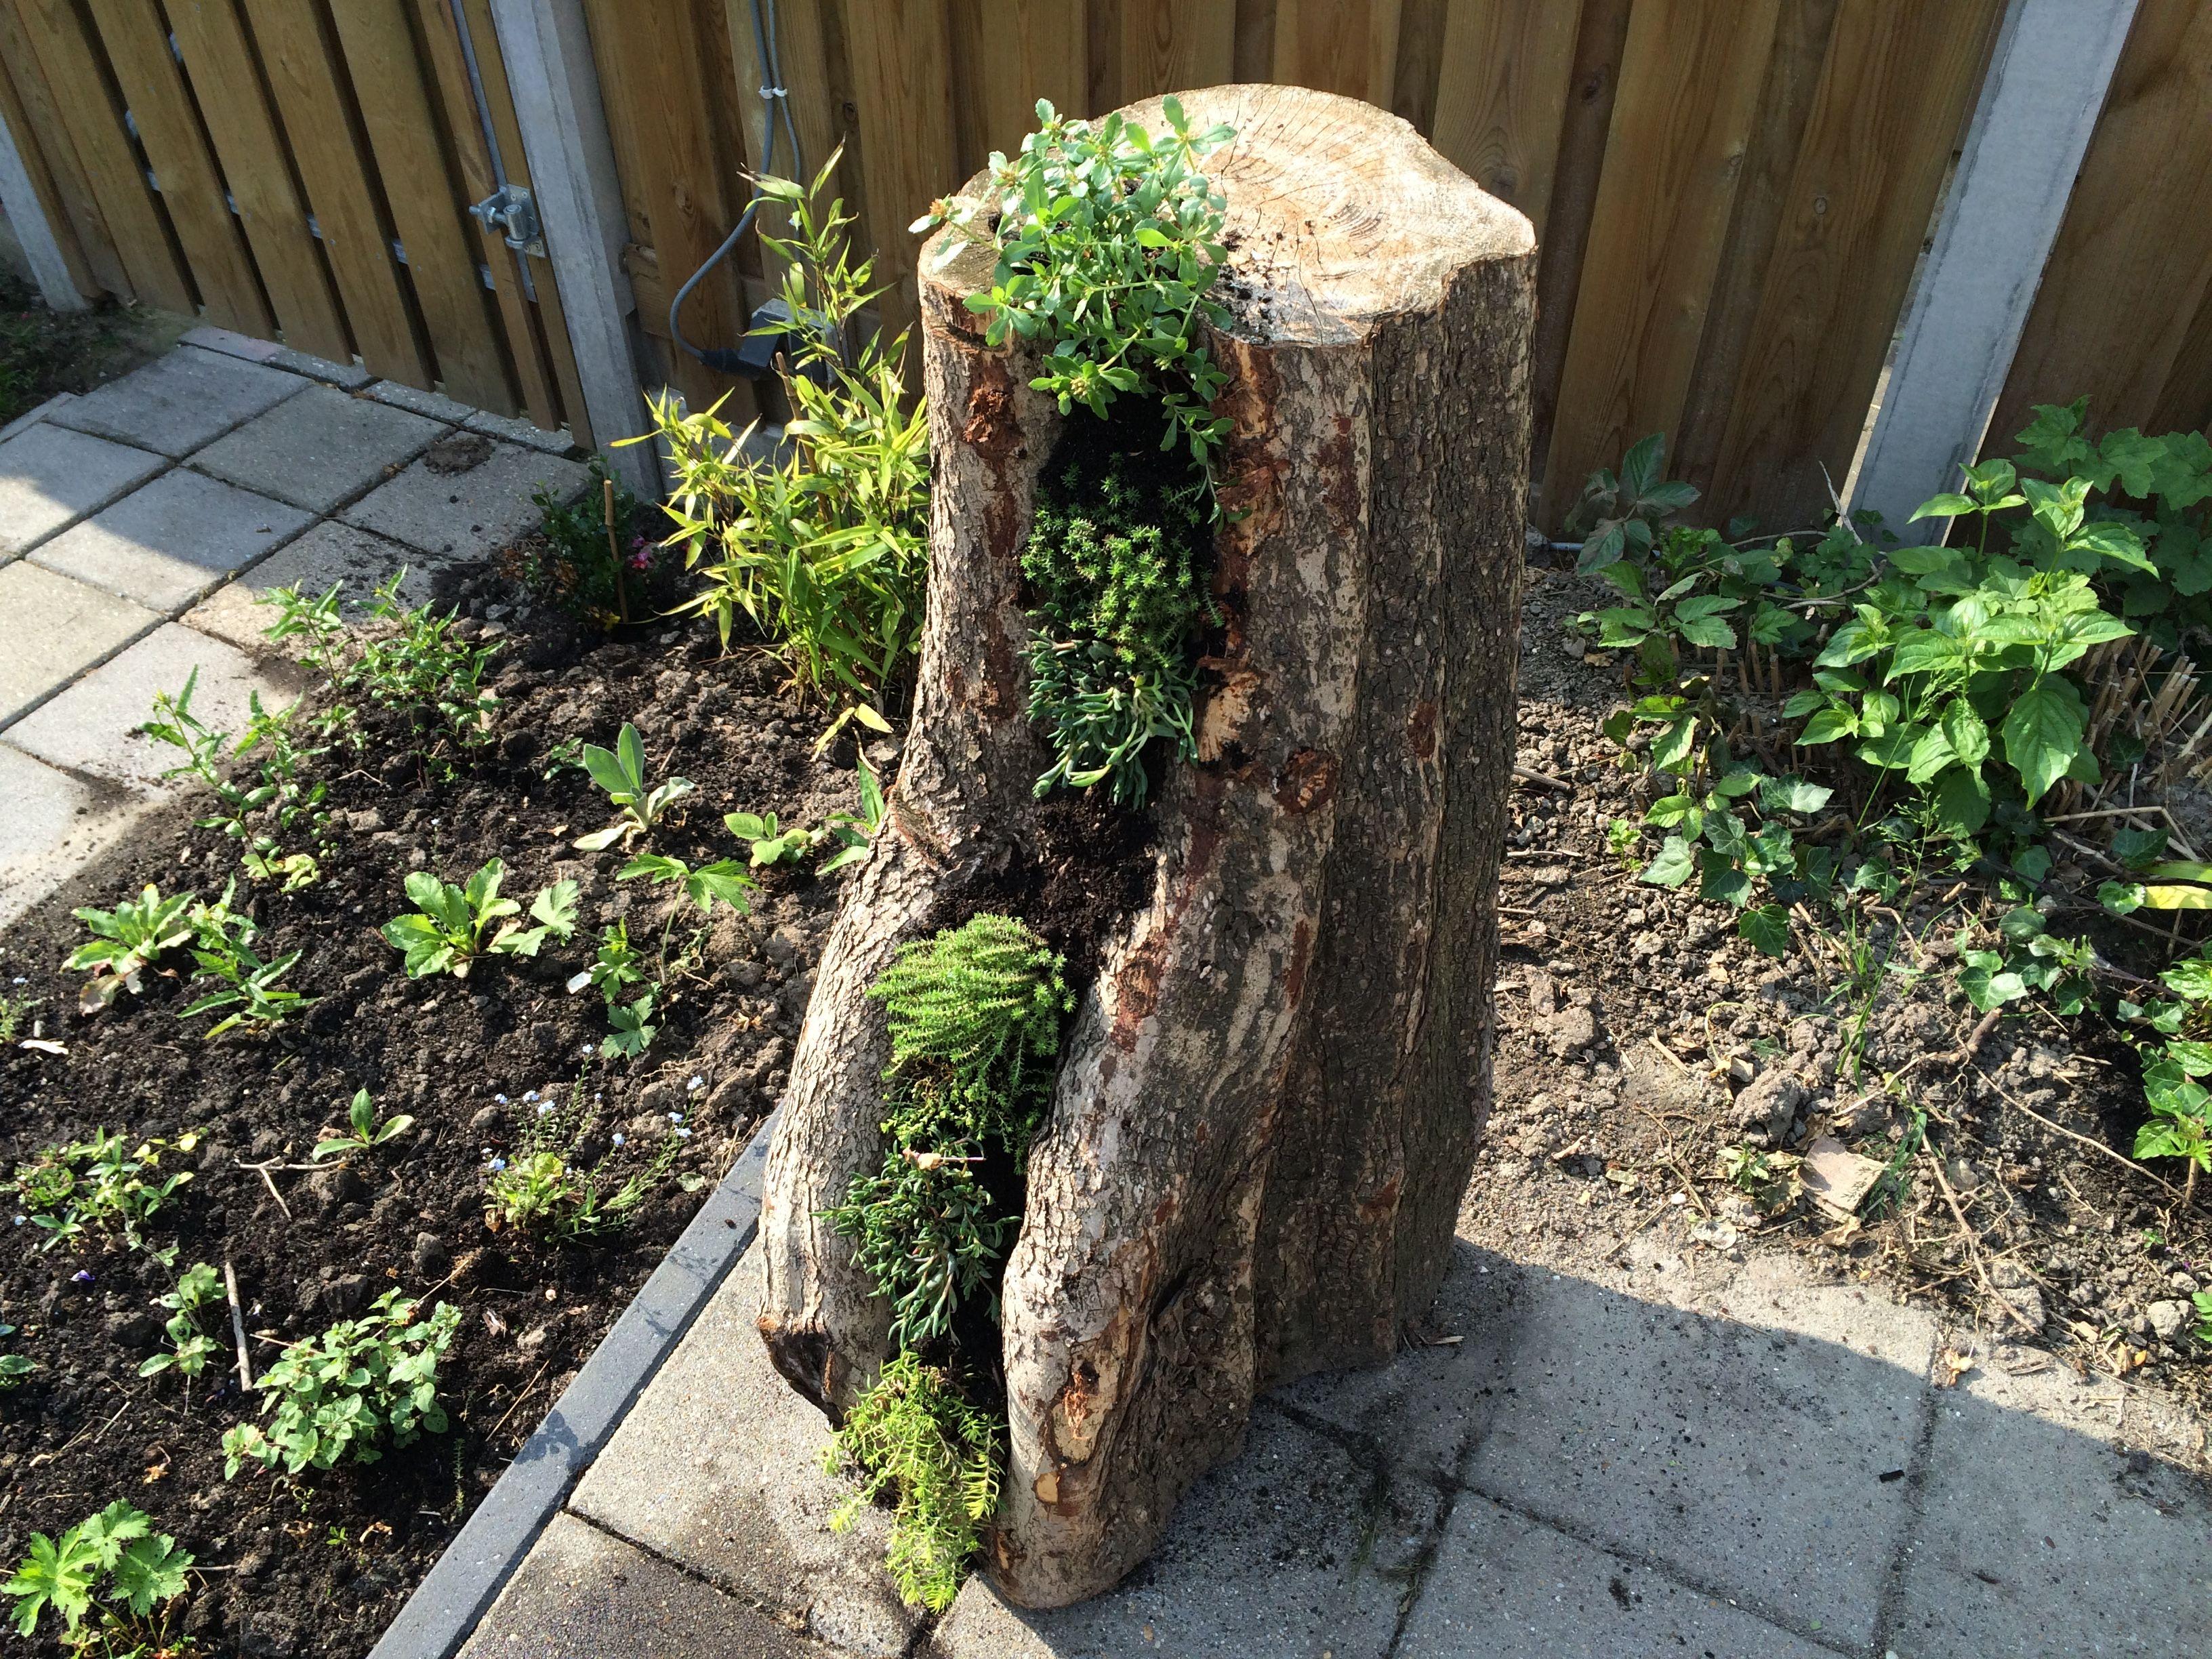 Stronk Met Rotsplantjes Tuin Ideeen Tuinplanten Tuin